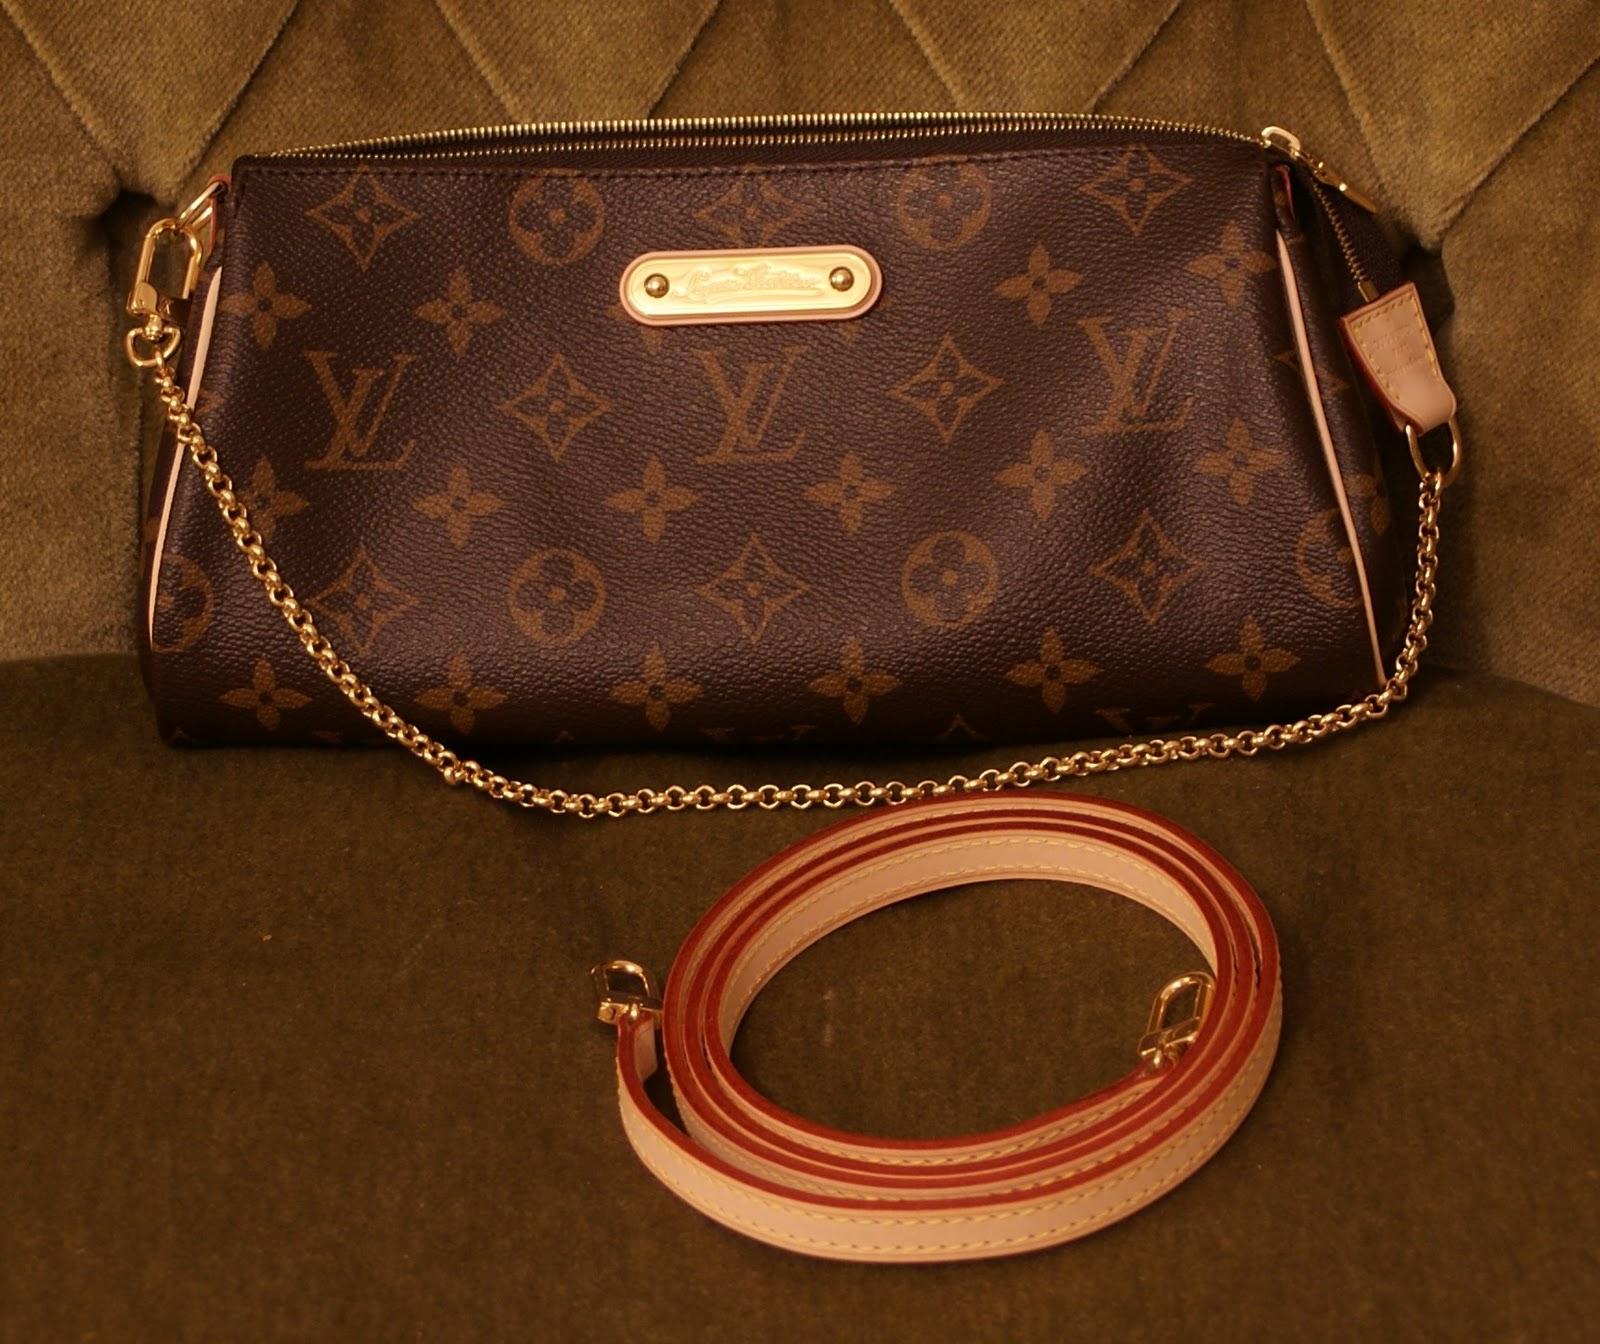 Купить сумку louis vuitton eva clutch недорого красные женские плащи